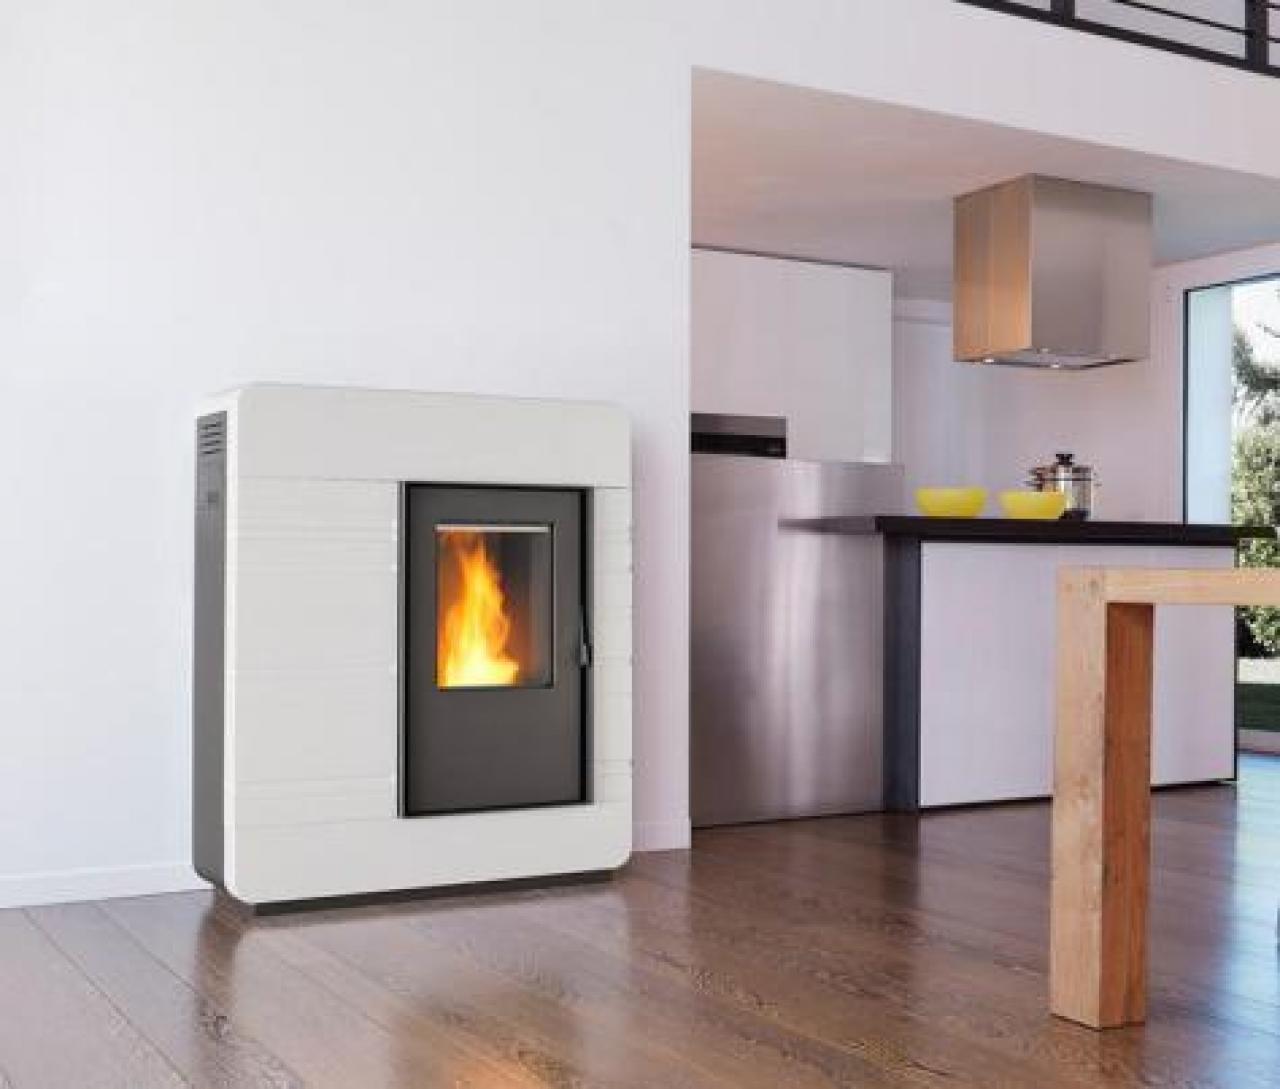 Ottimizzare Riscaldamento A Pavimento come migliorare l'impianto di riscaldamento della nostra